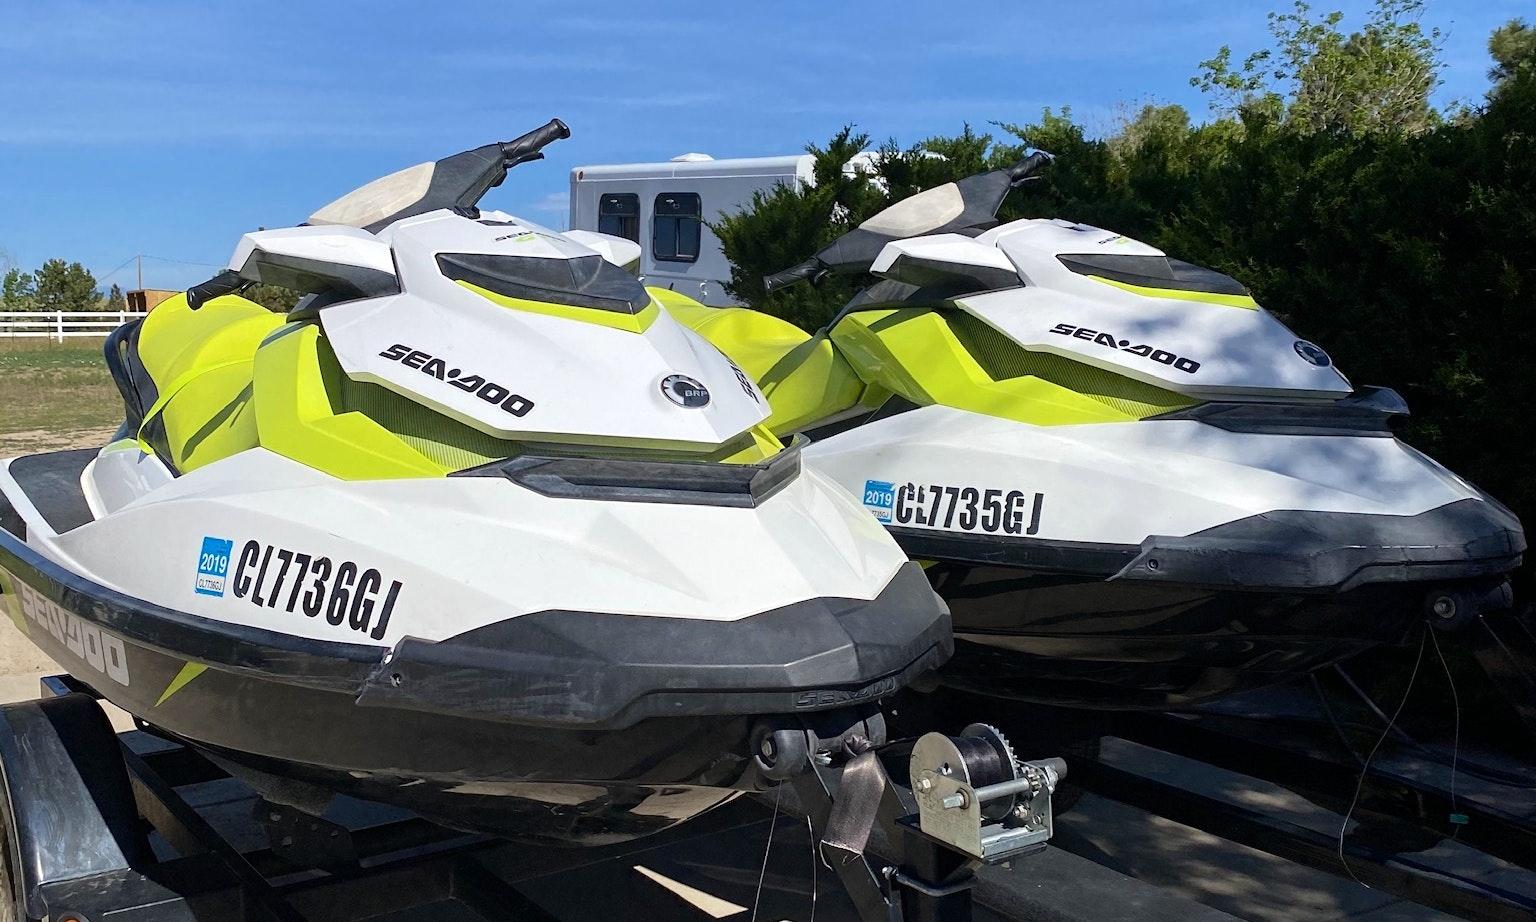 SeaDoo GTI130 Rental in Littleton, CO | GetMyBoat